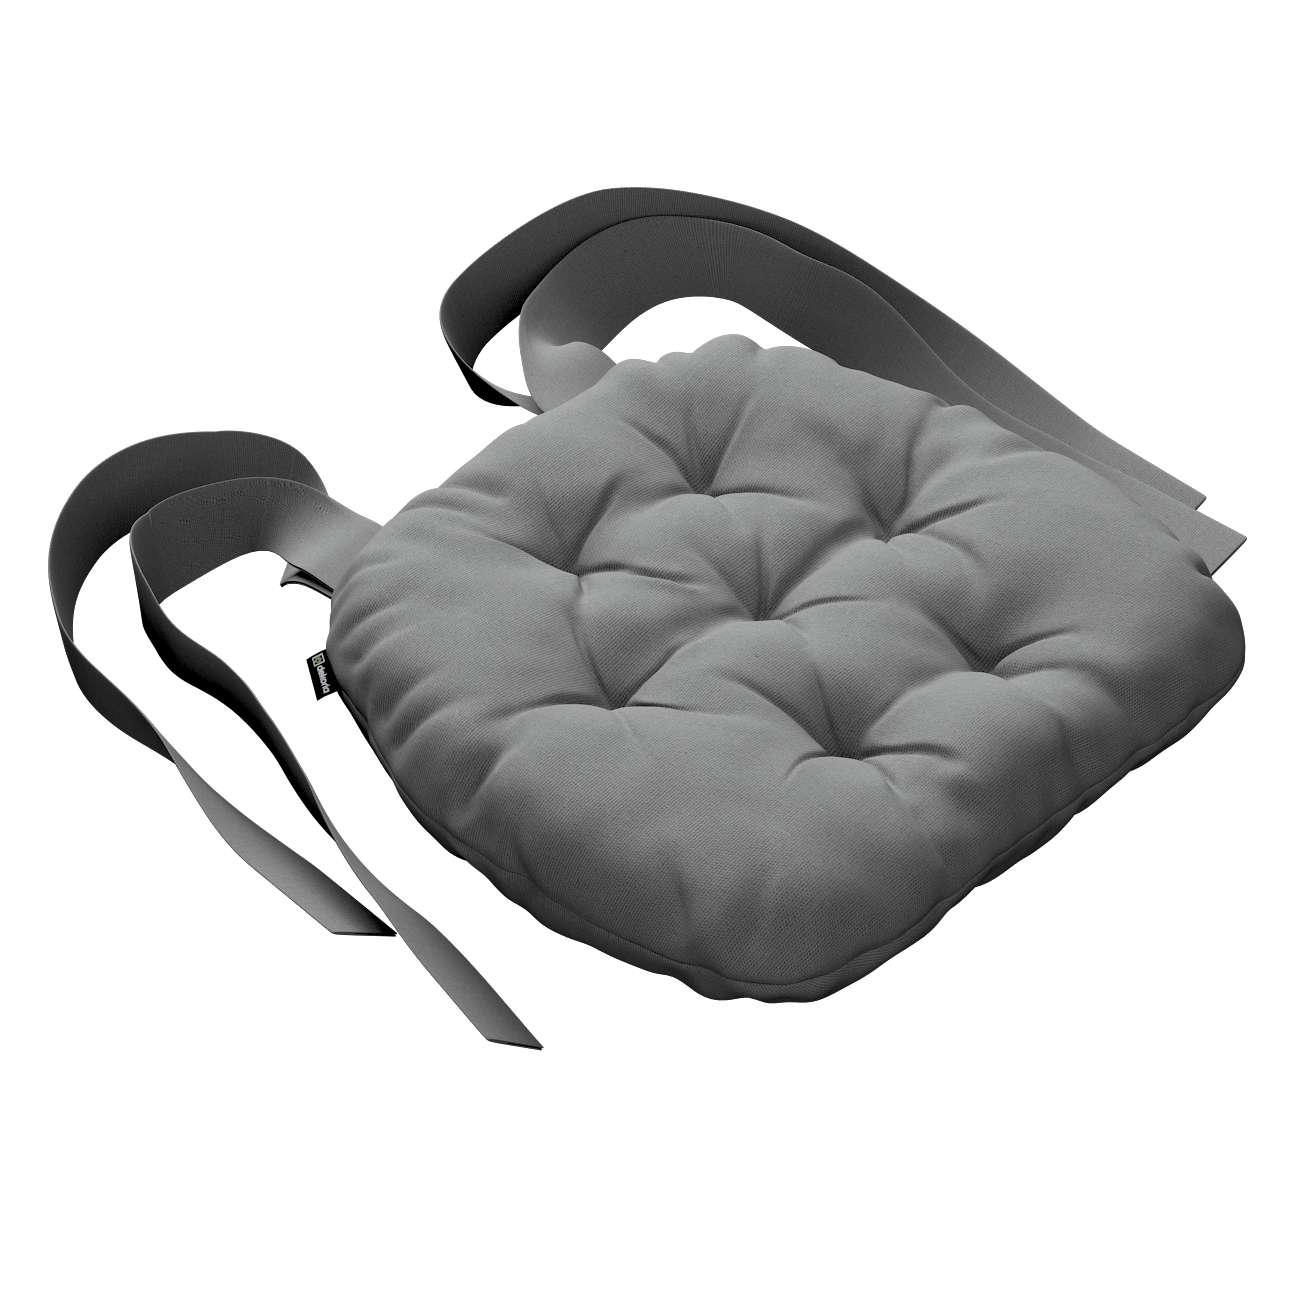 Siedzisko Marcin na krzesło 40x37x8cm w kolekcji Loneta, tkanina: 133-24